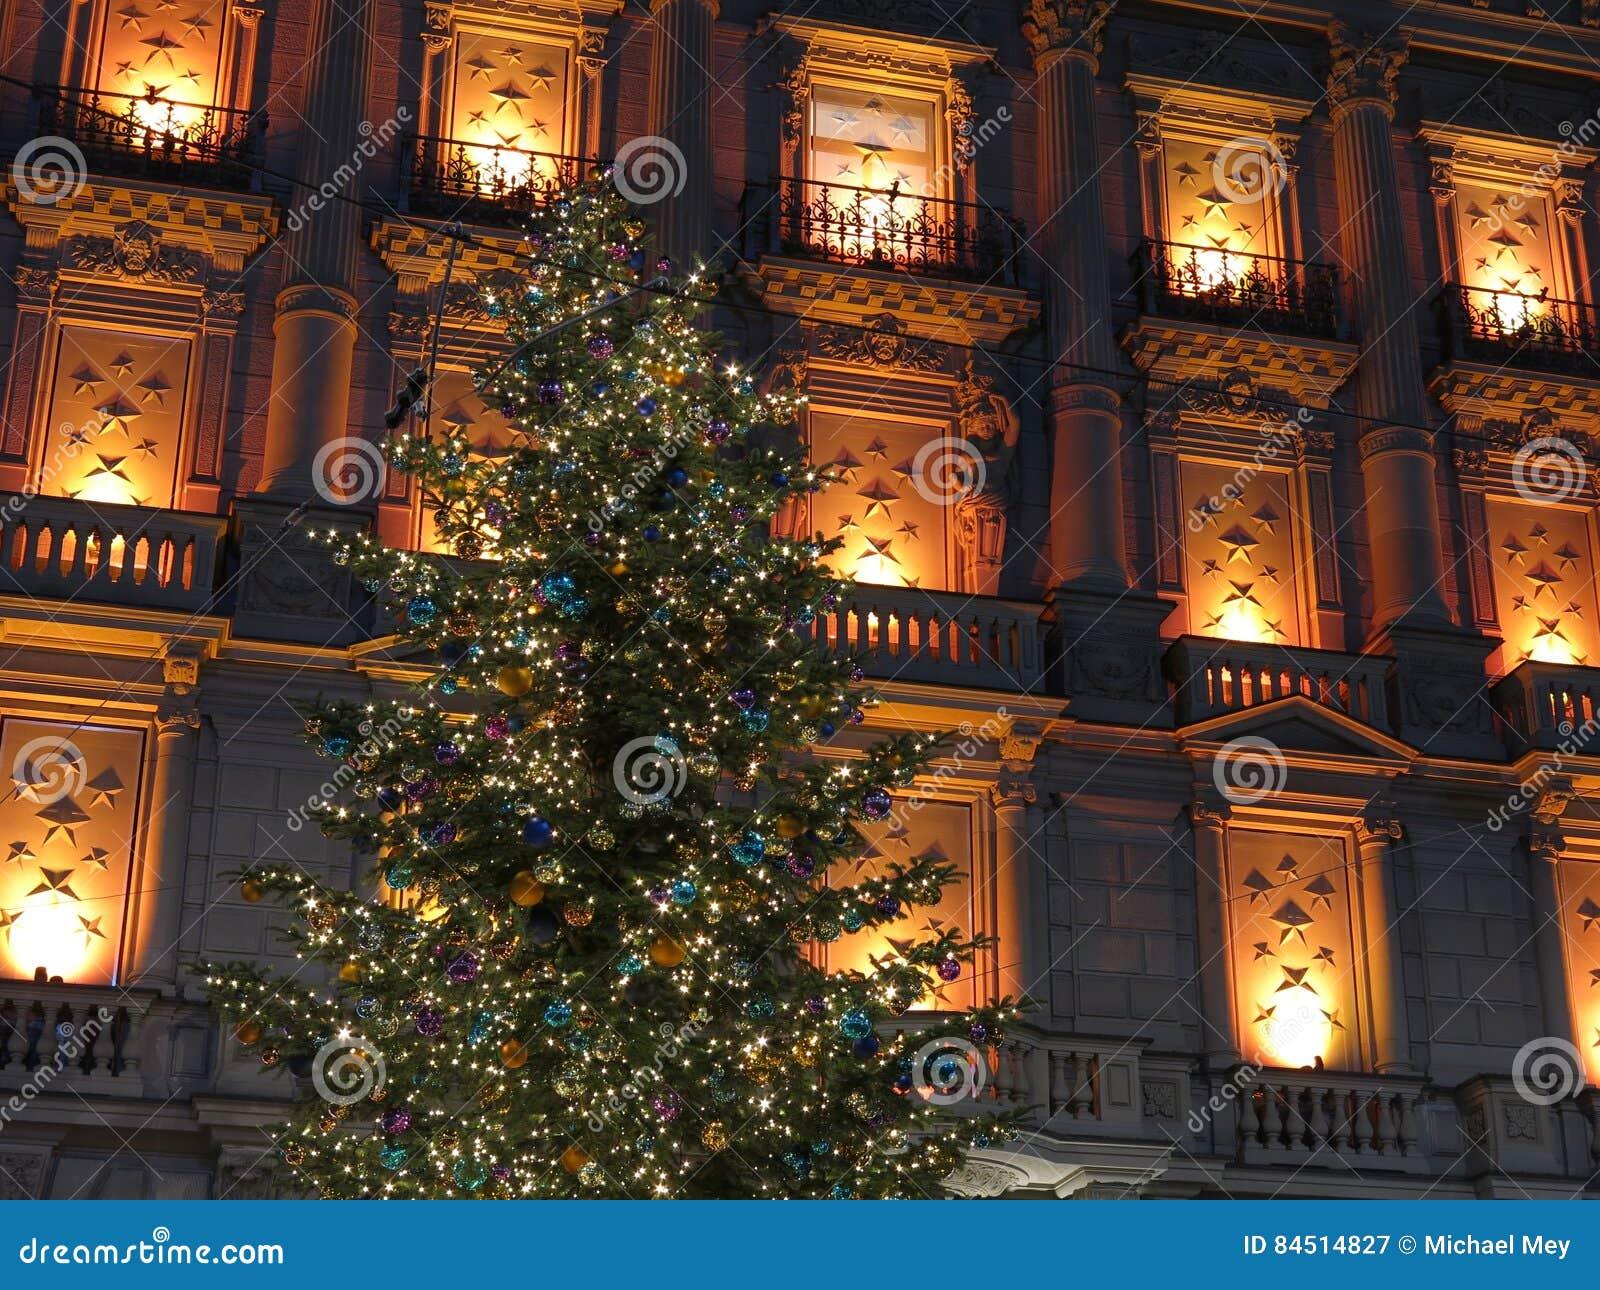 christmas lights and windows